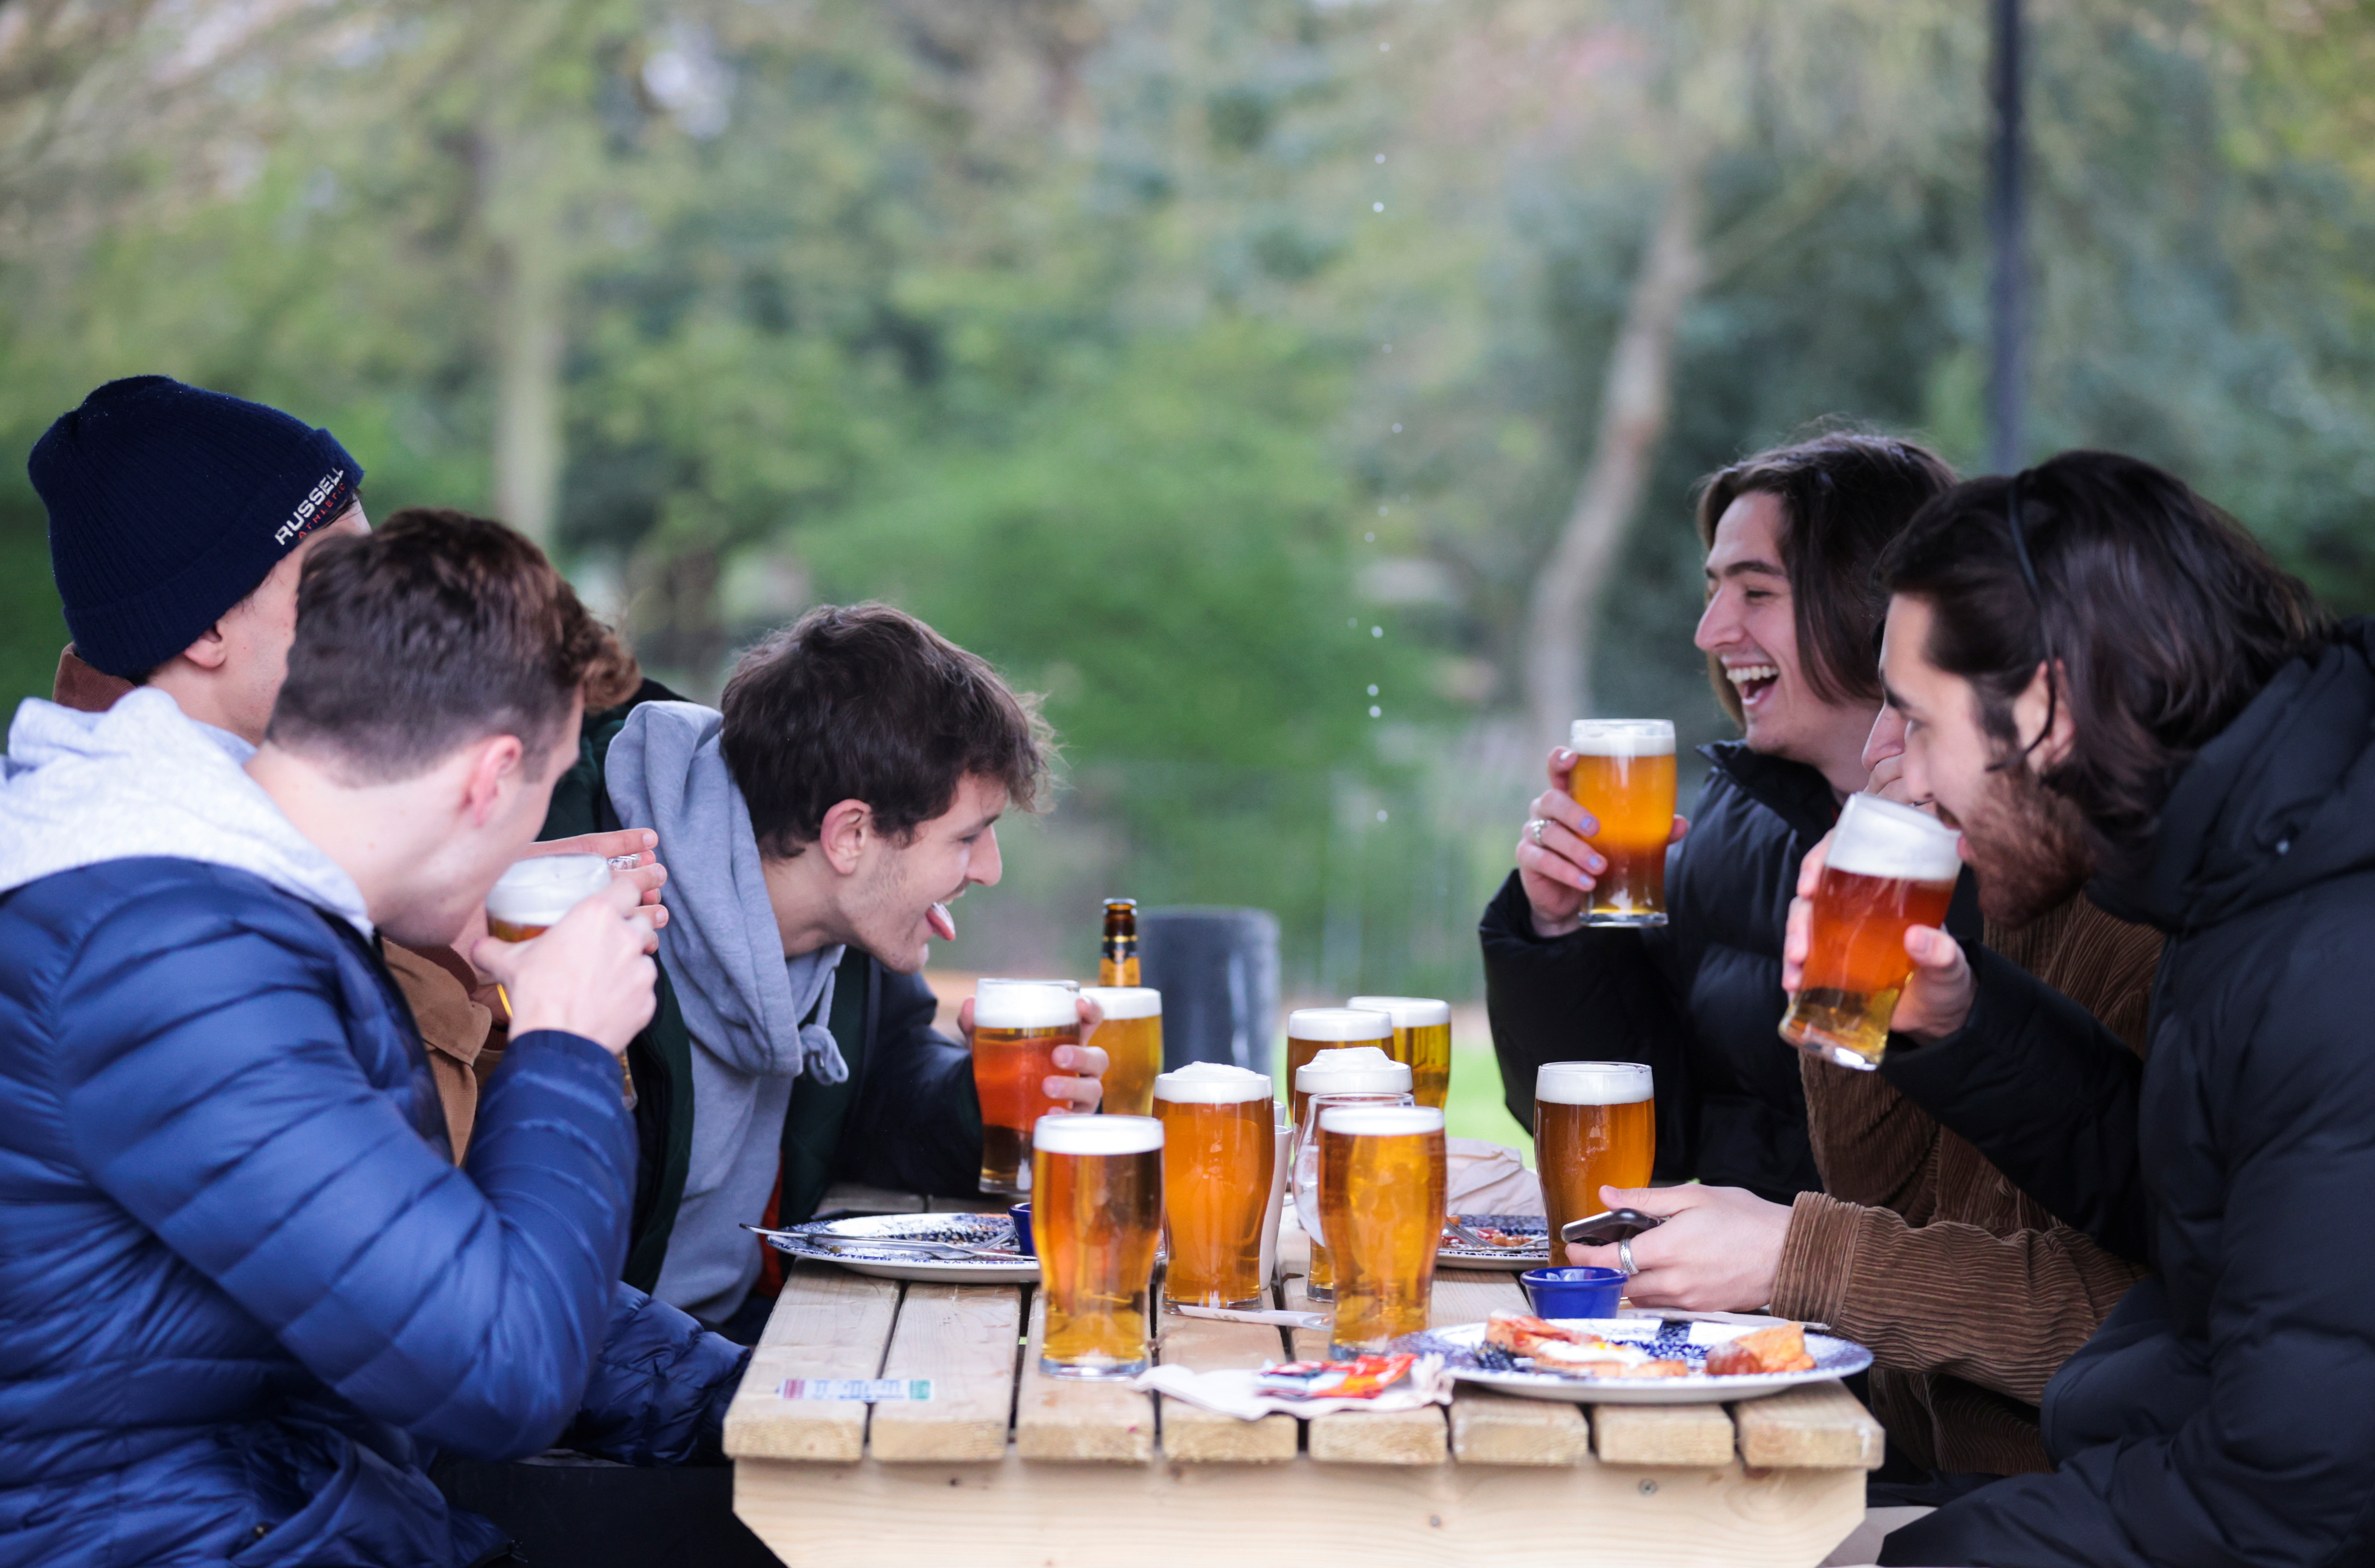 Un grupo de jóvenes este lunes en un bar de Londres.